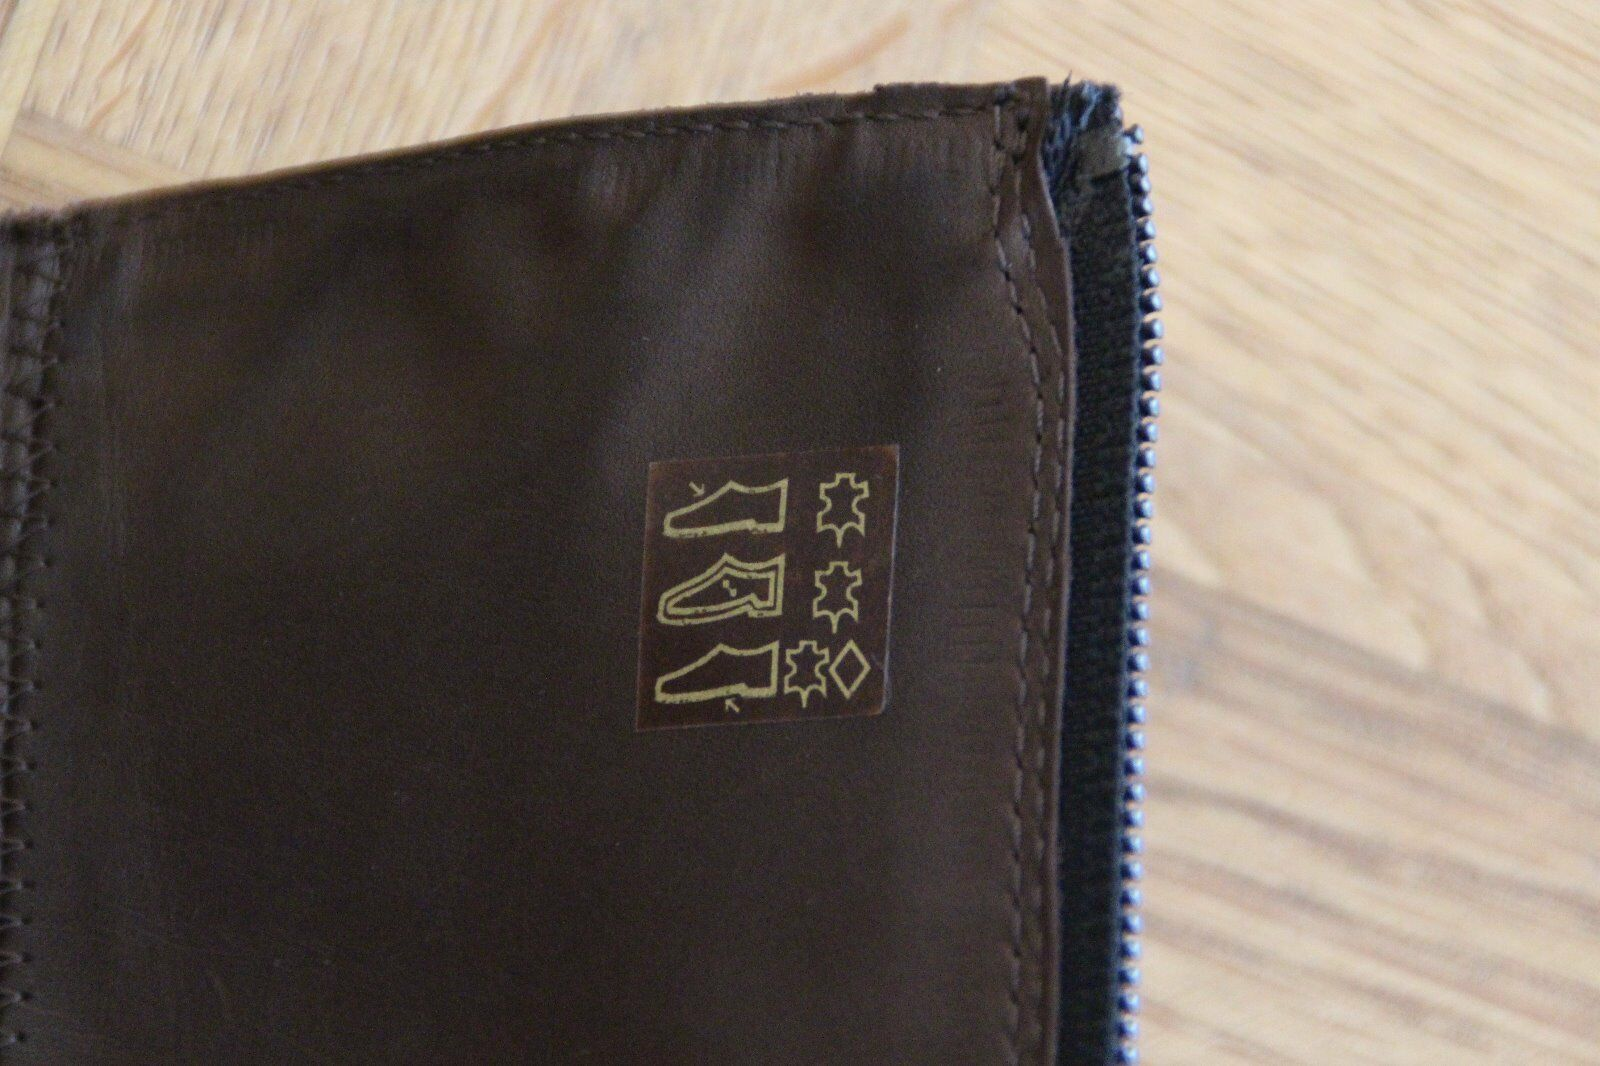 Stiefel Bikerstiefel Boots echt schwarz Leder Cafè Noir Damen schwarz echt 40 -wenig getragen 8a627a